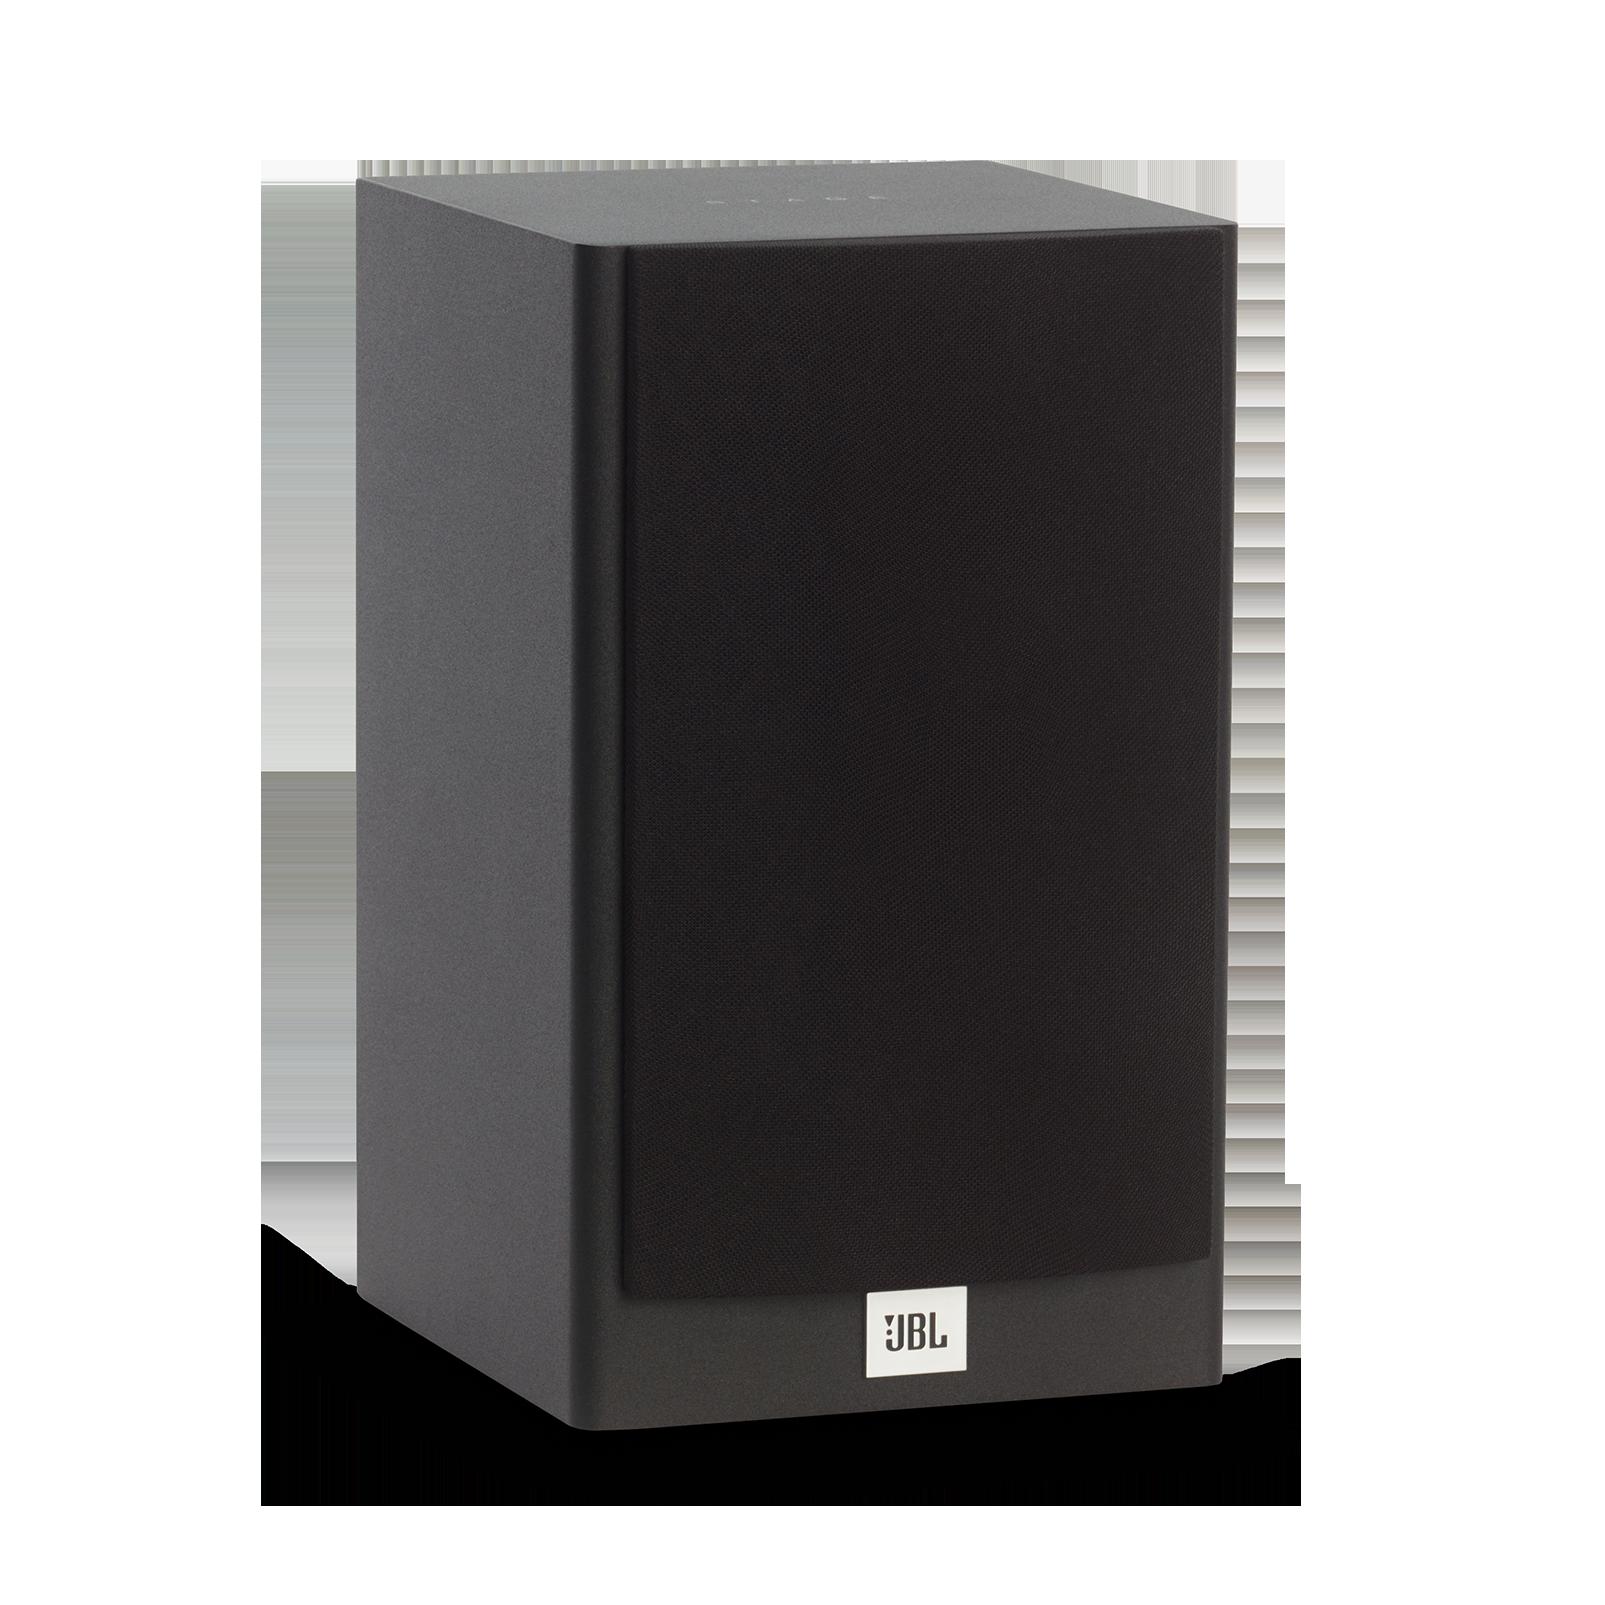 JBL Stage A120 - Black - Home Audio Loudspeaker System - Hero